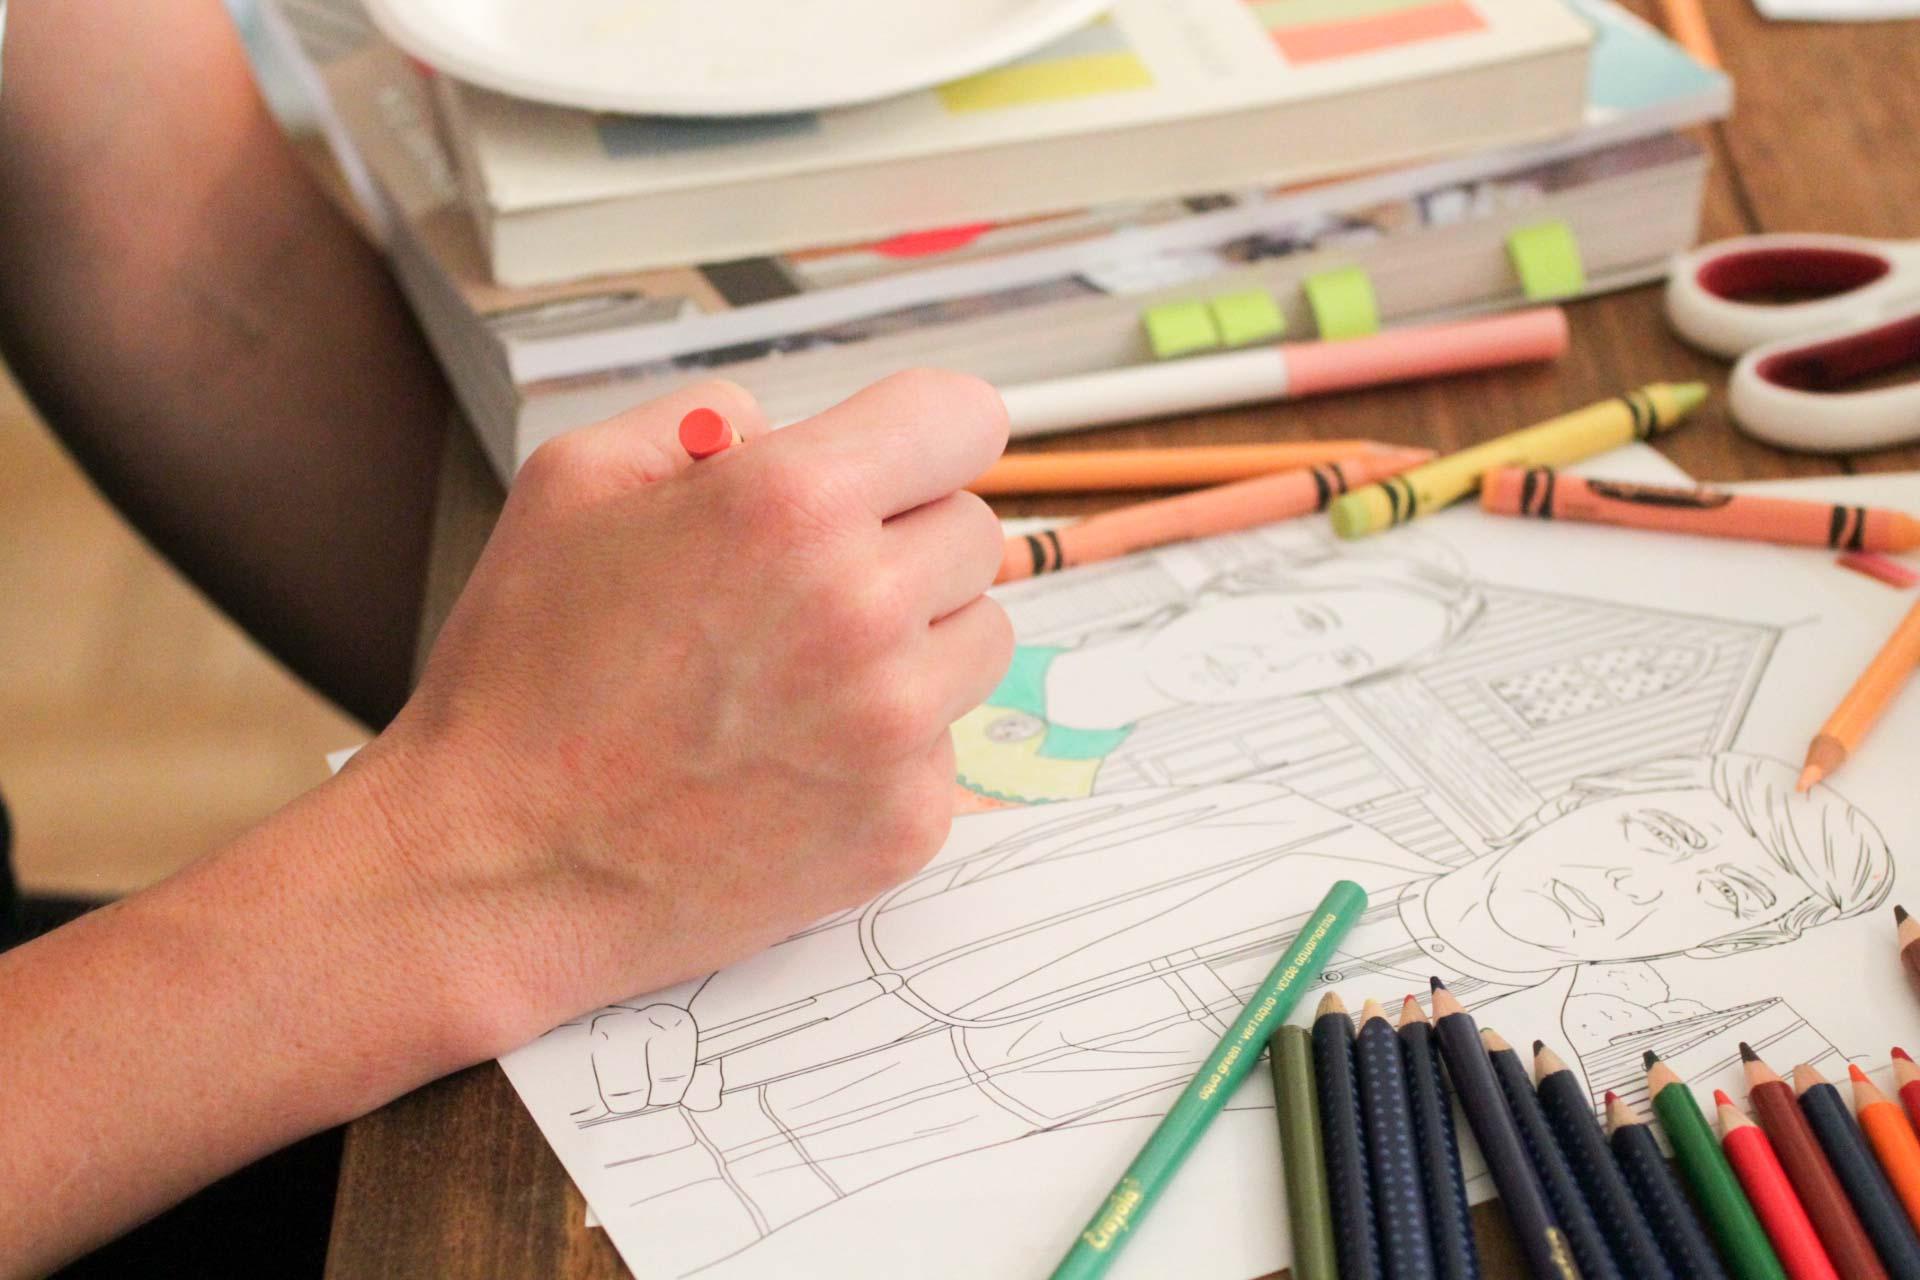 cocktailsandcraft-coloring-dc-workshop (6 of 17).jpg